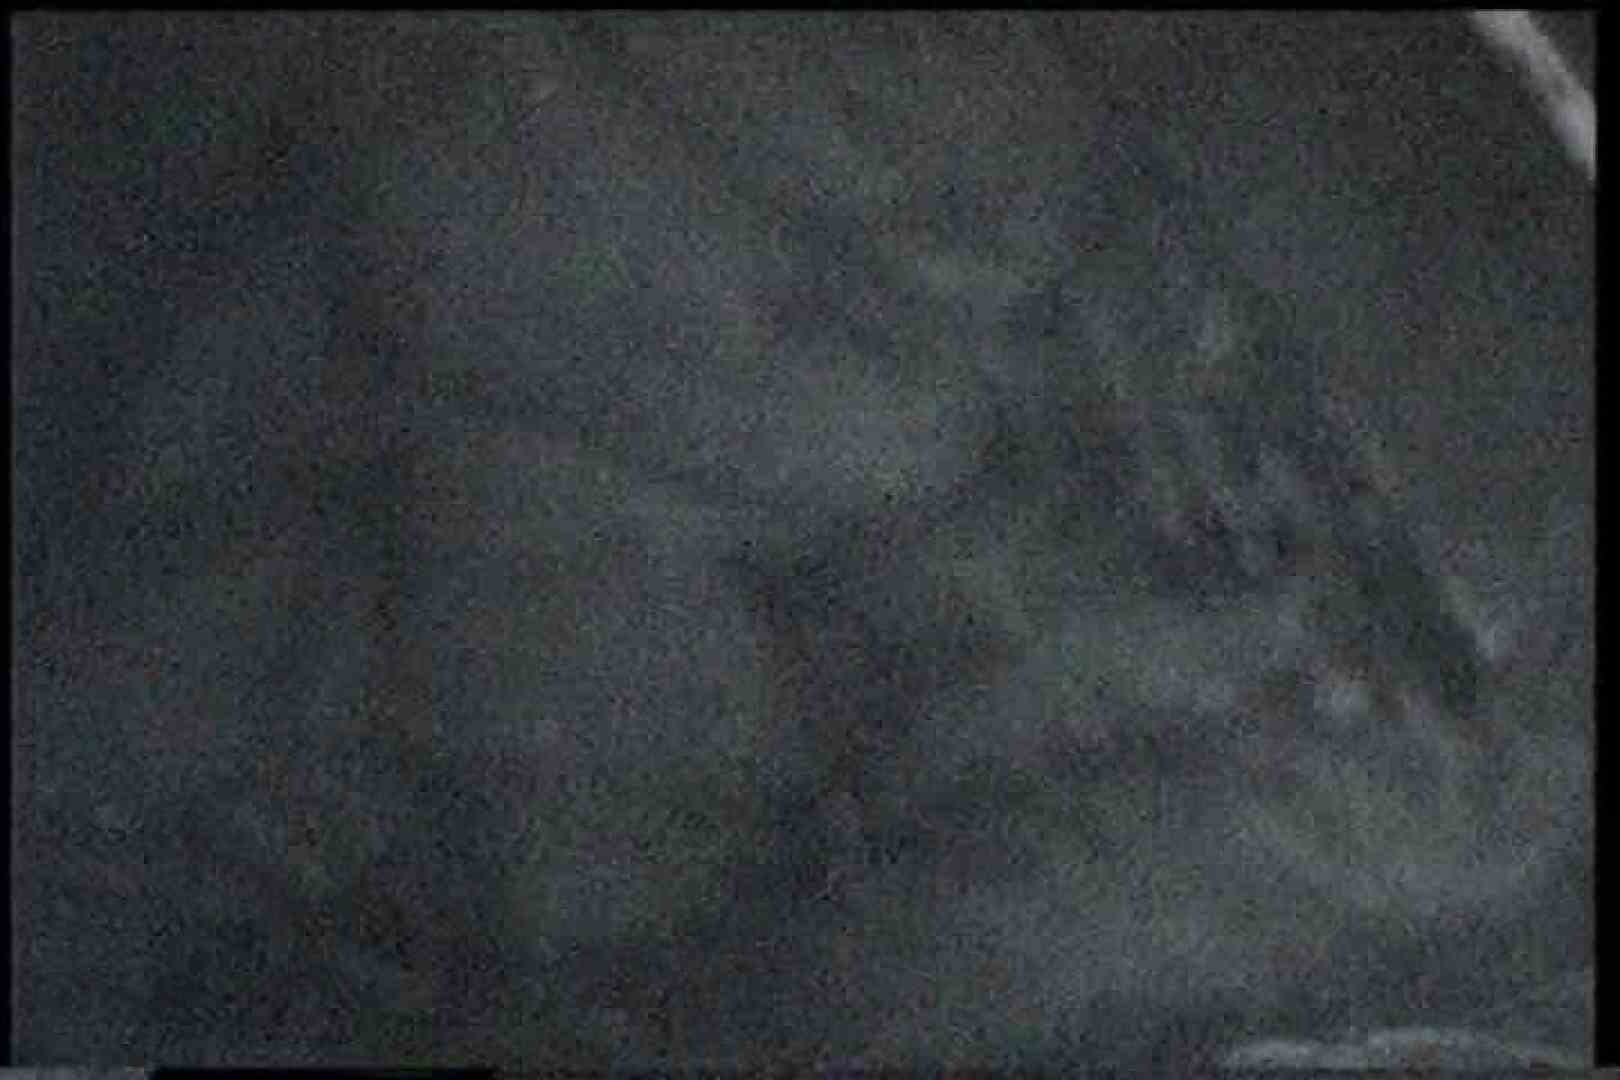 充血監督の深夜の運動会Vol.164 OLエロ画像  65PICs 35